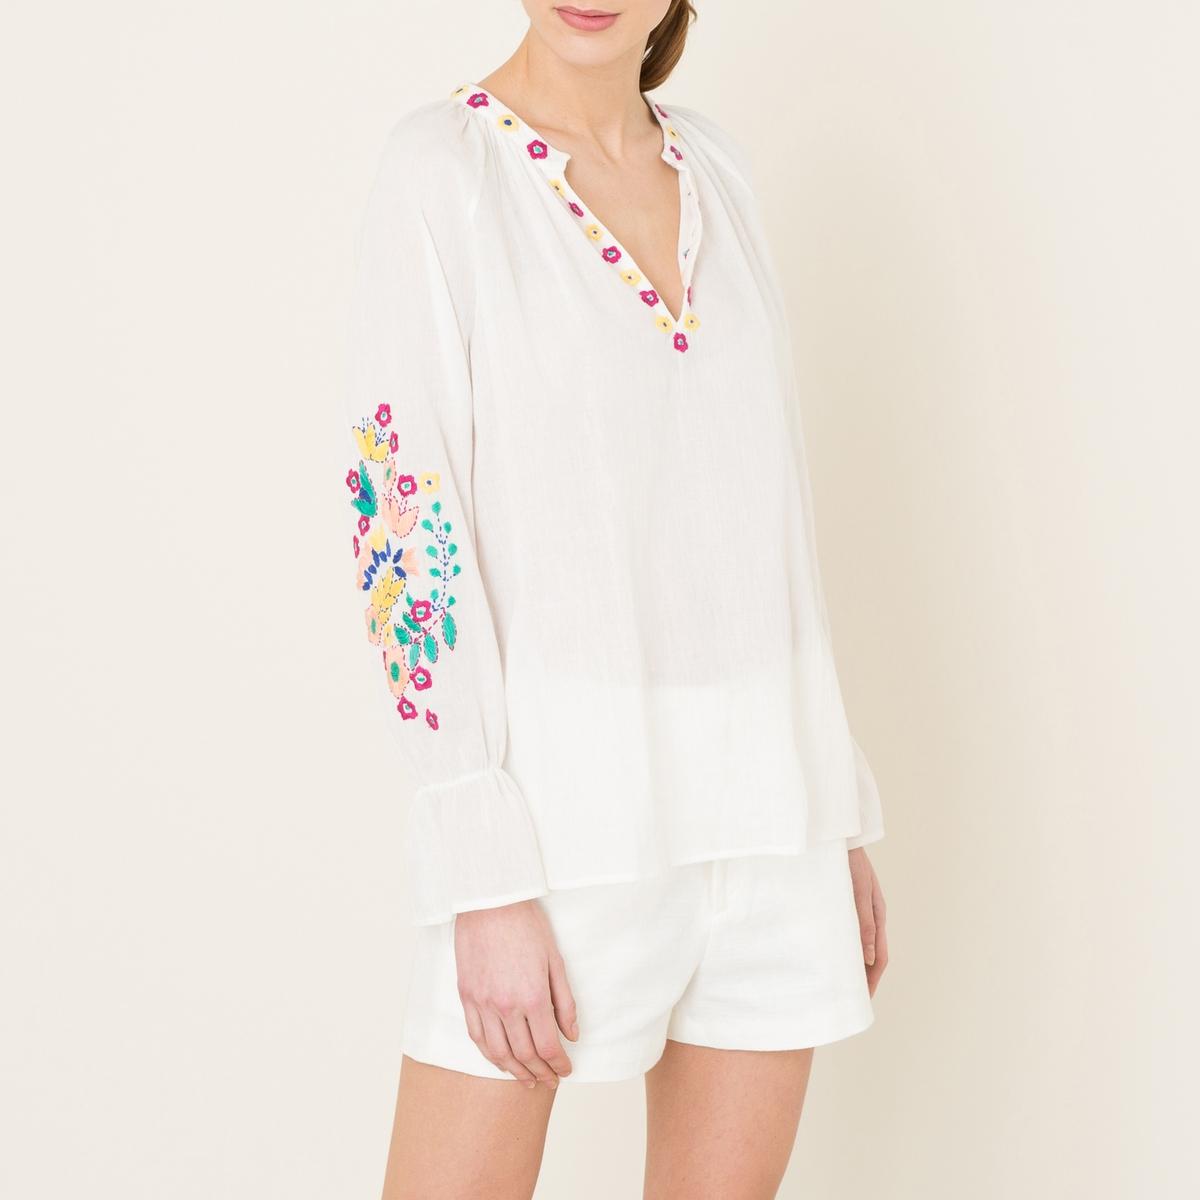 Блузка ALYSSAБлузка ANTIK BATIK - модель ALYSSA с разноцветной вышивкой . Тунисский вырез со сборками и вышивкой в виде цветов . Вышивка на объемных рукавах 7/8, присборенный манжеты .  Прямой низ. Состав и описание    Материал : 100% хлопок   Марка : ANTIK BATIK<br><br>Цвет: кремовый